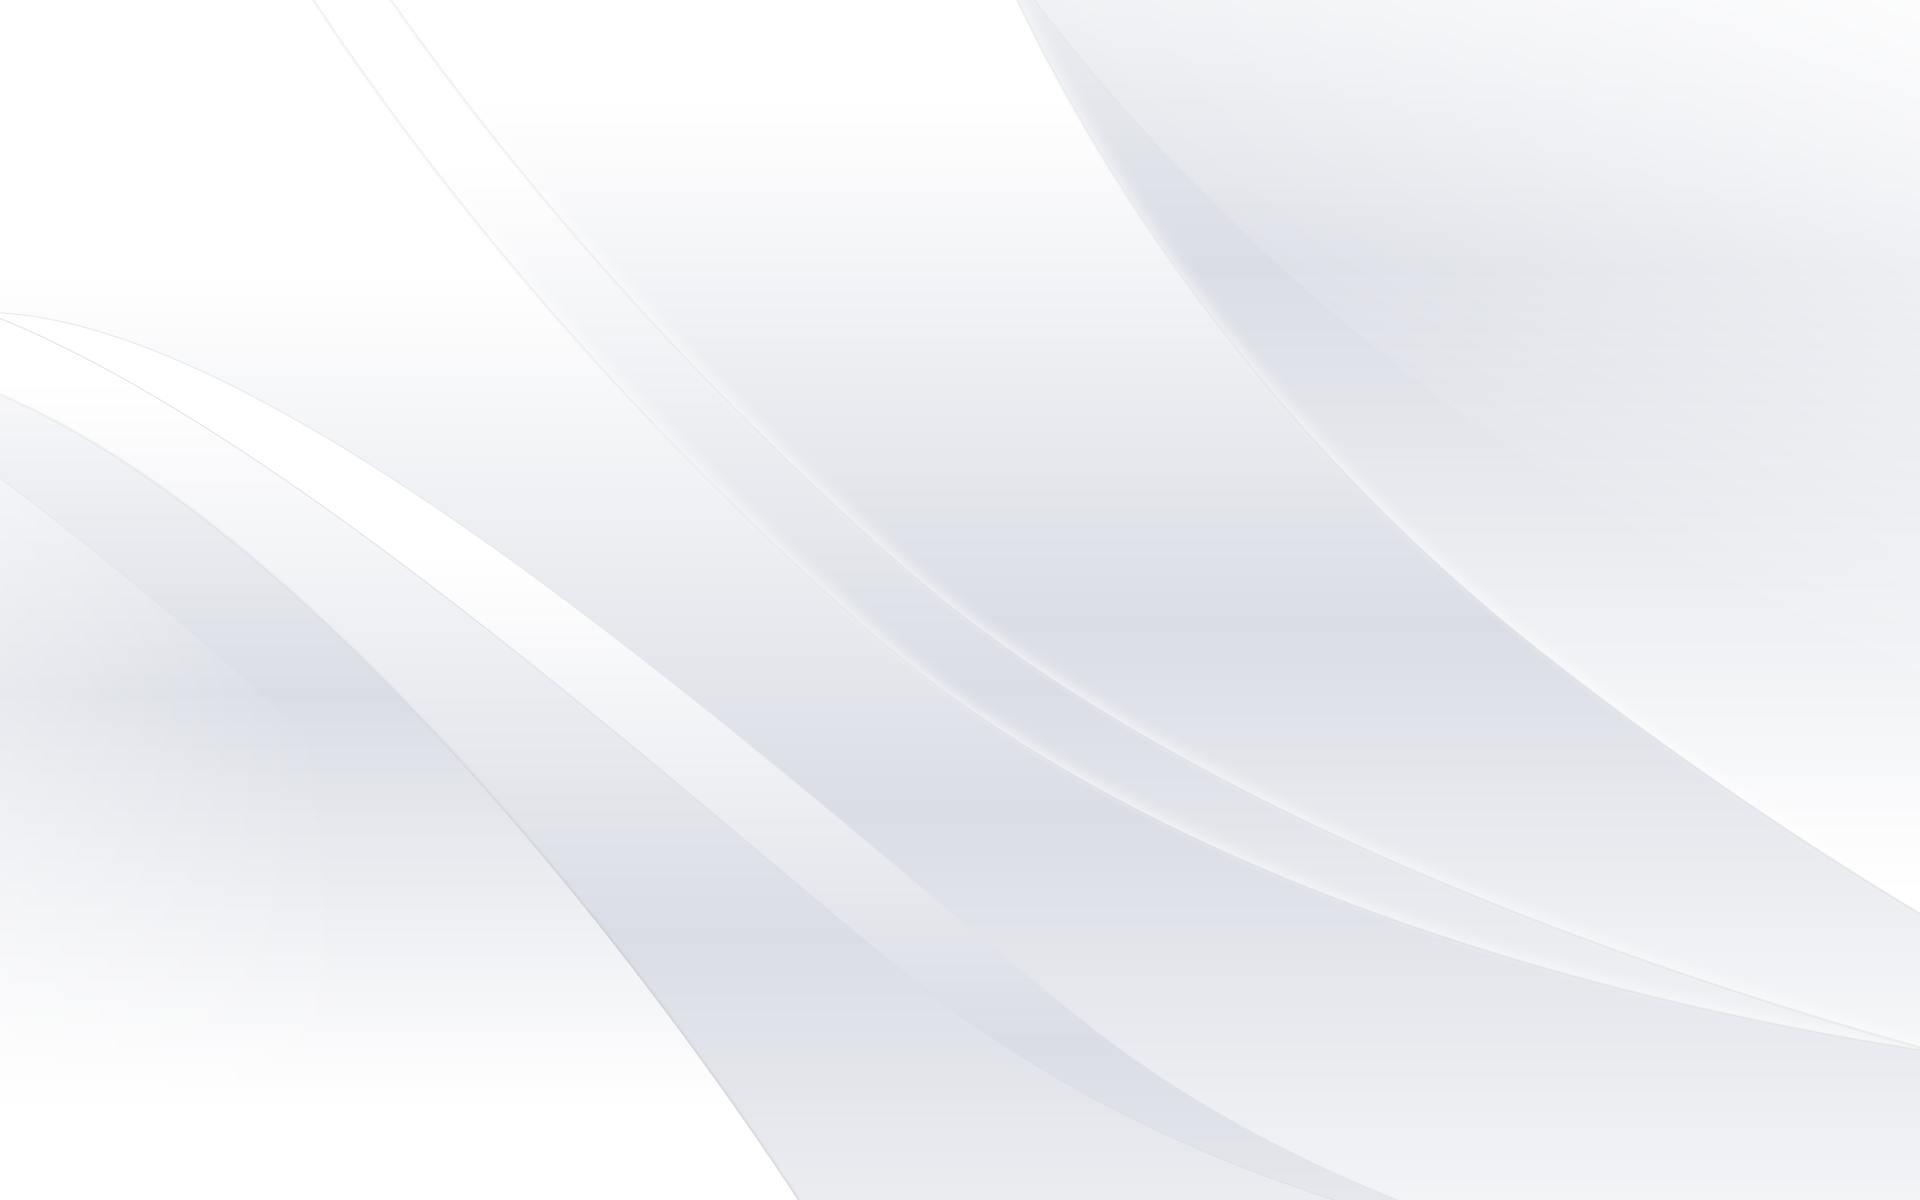 お洒落シンプルな 白ホワイト系 pcデスクトップ壁紙 white wallpaper